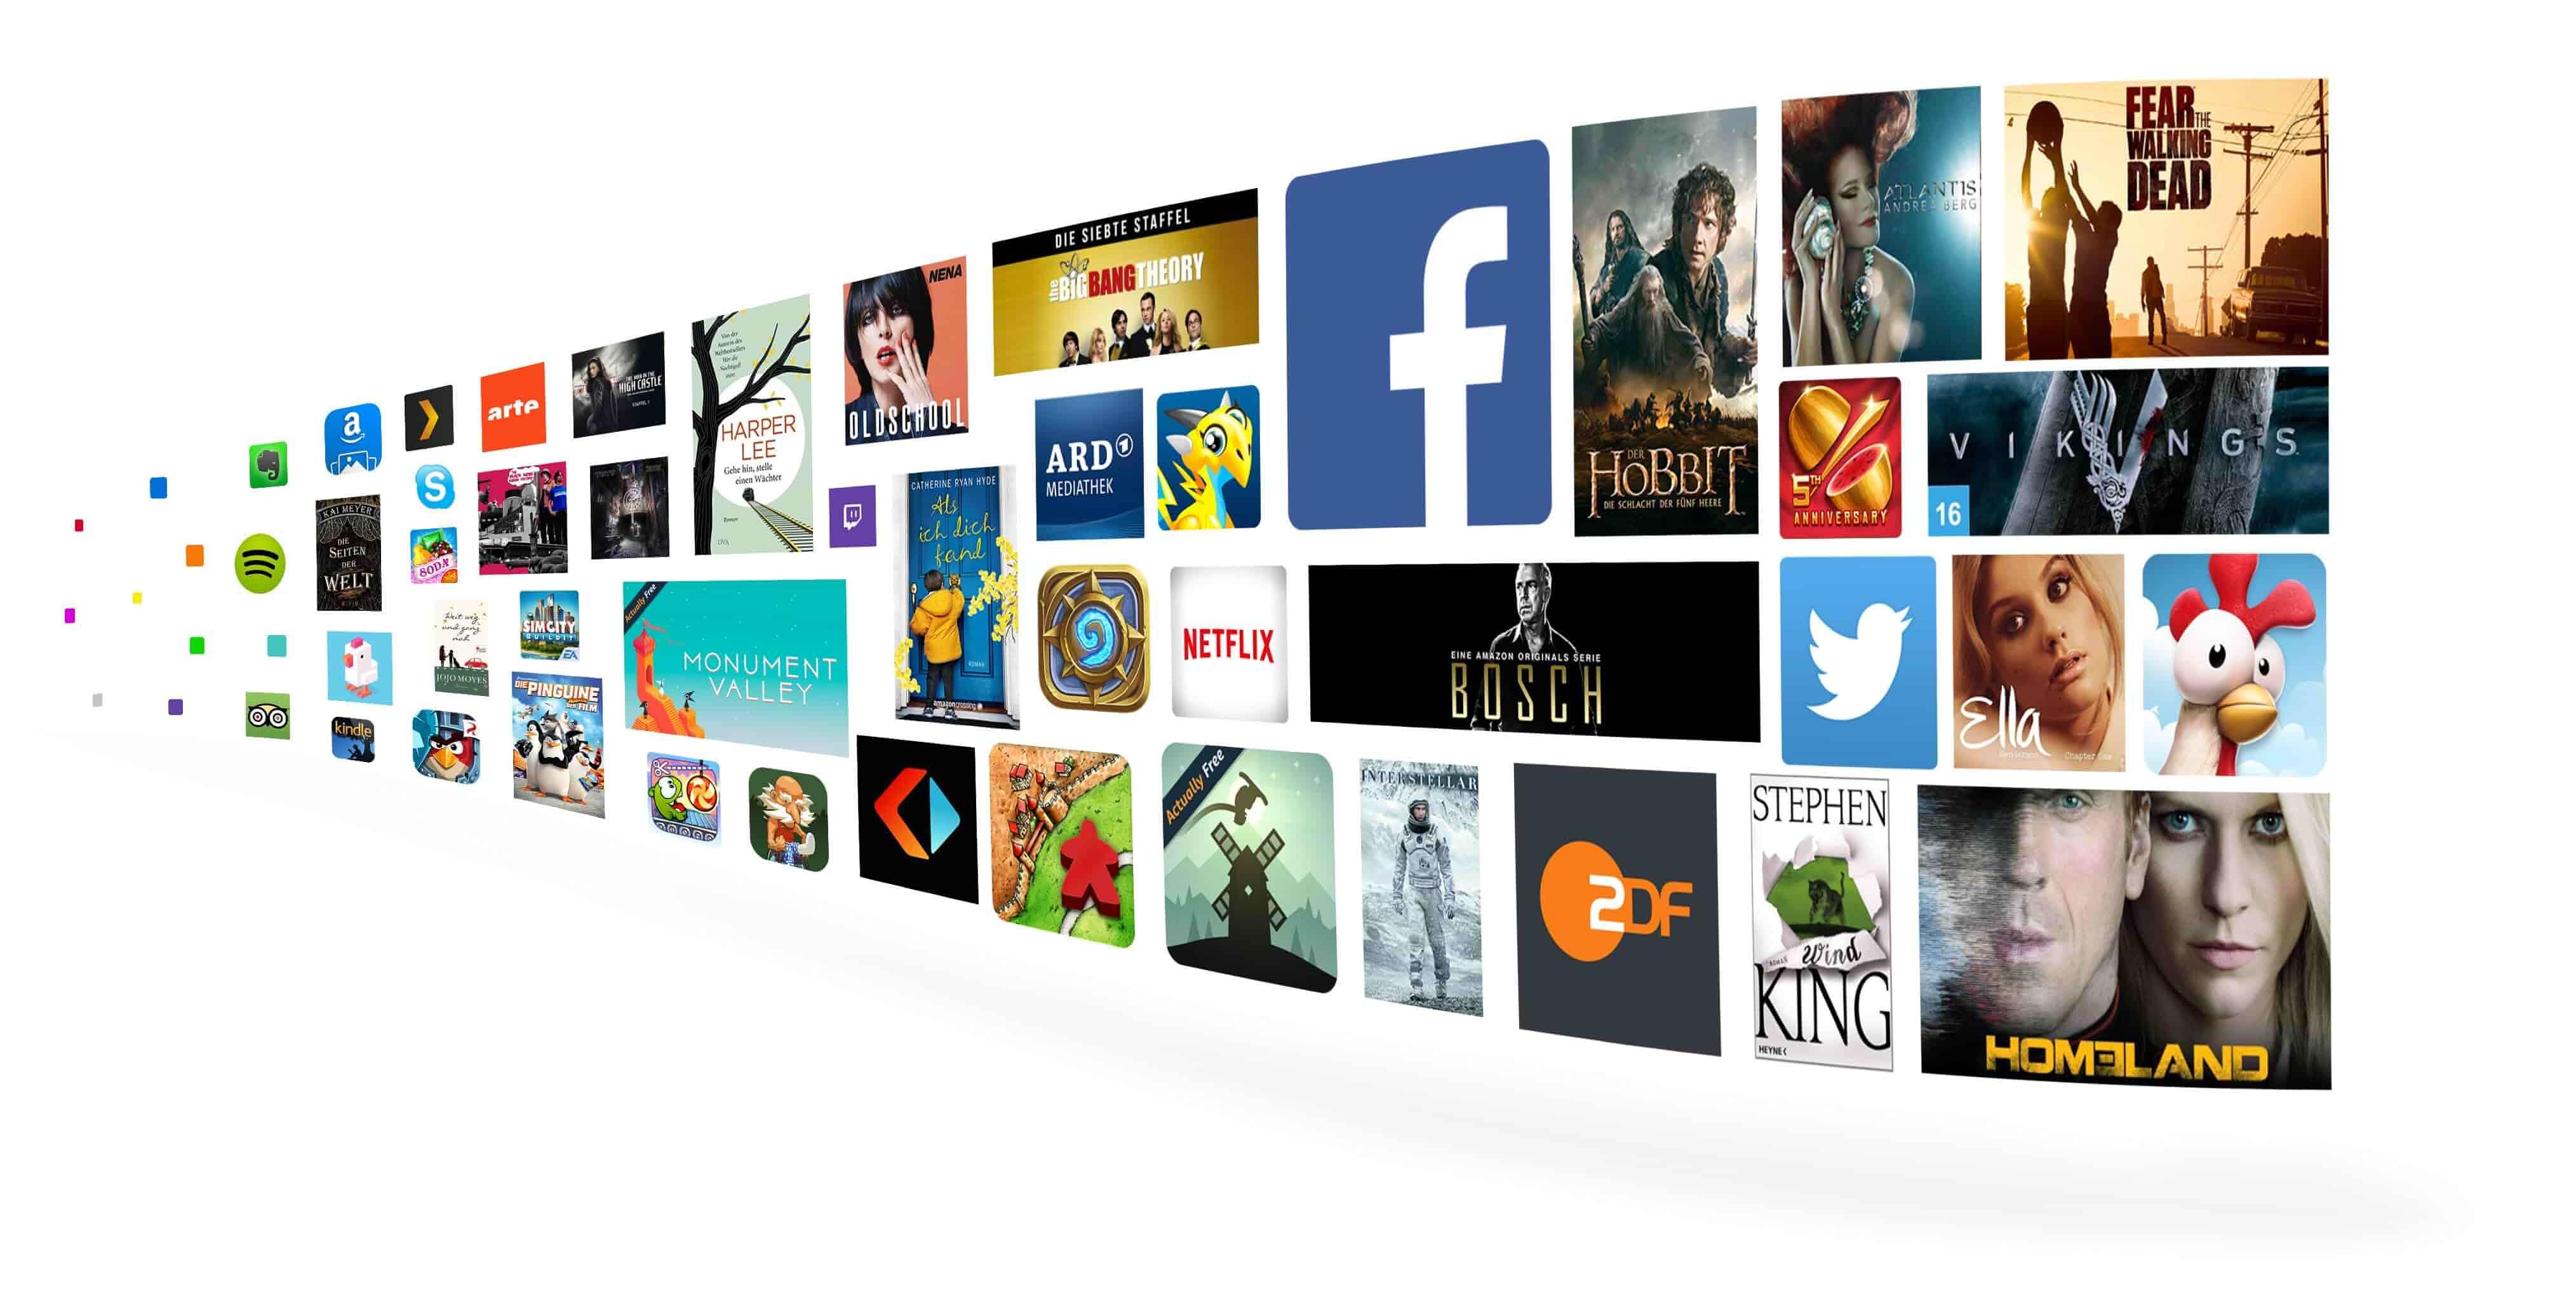 Mehr als 38 Millionen Songs, Filme, Serienepisoden, Bücher, Apps, Spiele und mehr.